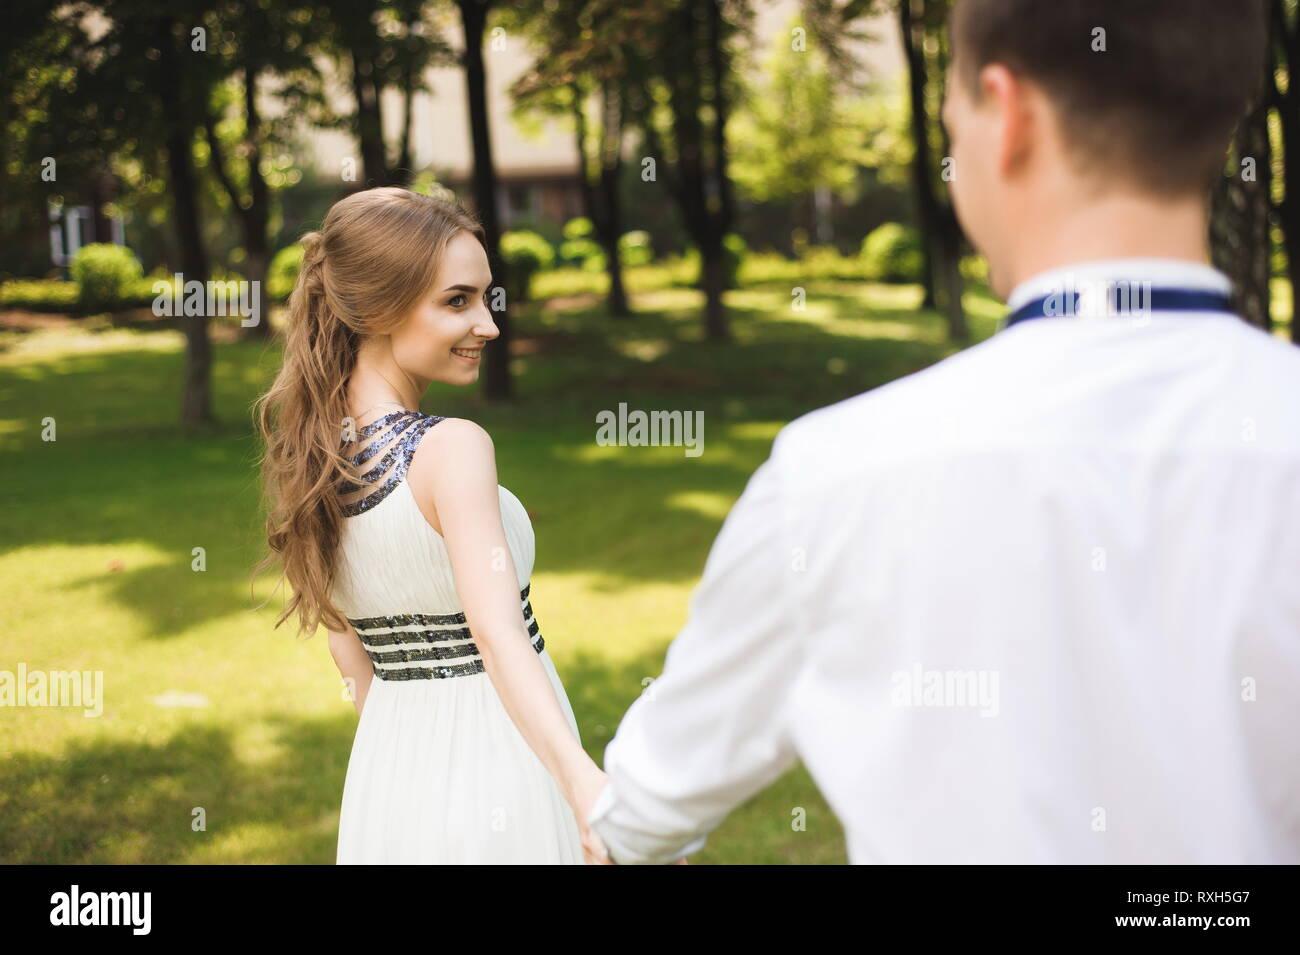 attraktive Farbe Sonderrabatt von besser Paar in Hochzeit Kleidung ist in den Händen vor dem ...